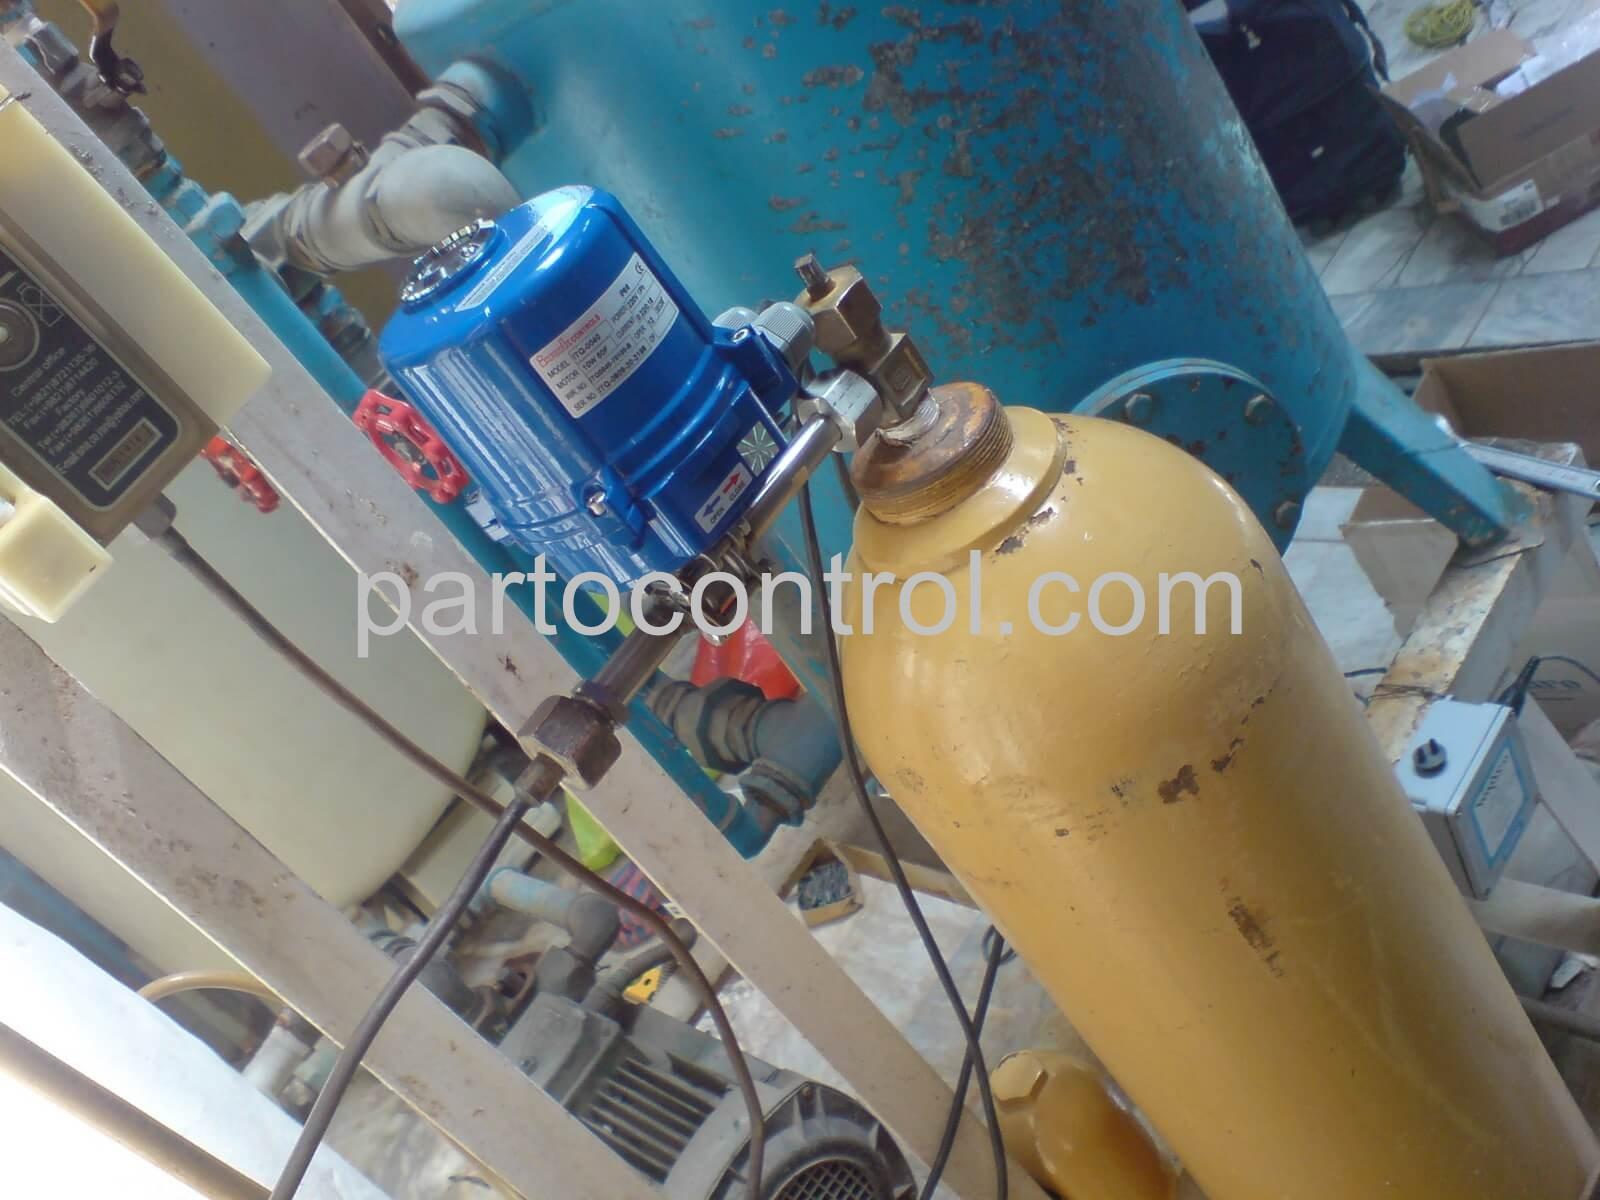 Mashhad gas chlorineکلرزن گازی مشهد - پروژه کلرزن گازی